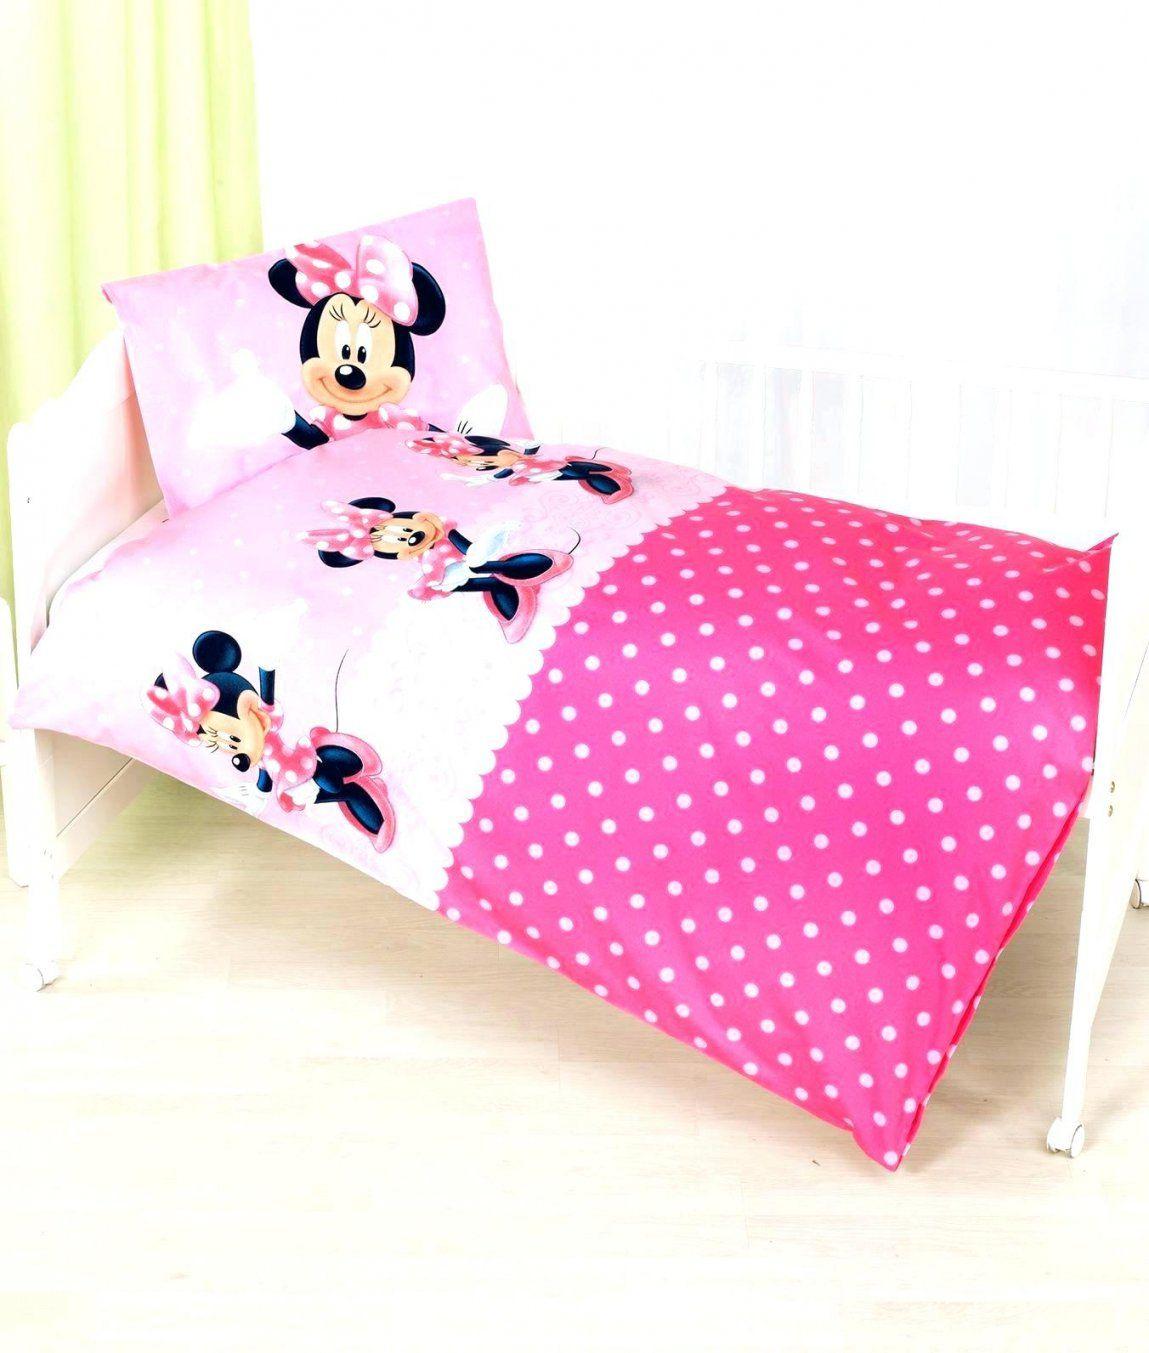 Bettwasche Minnie Mouse Updated Minni Maus 200×200 100×135 Mickey von Minni Maus Bettwäsche 100X135 Photo